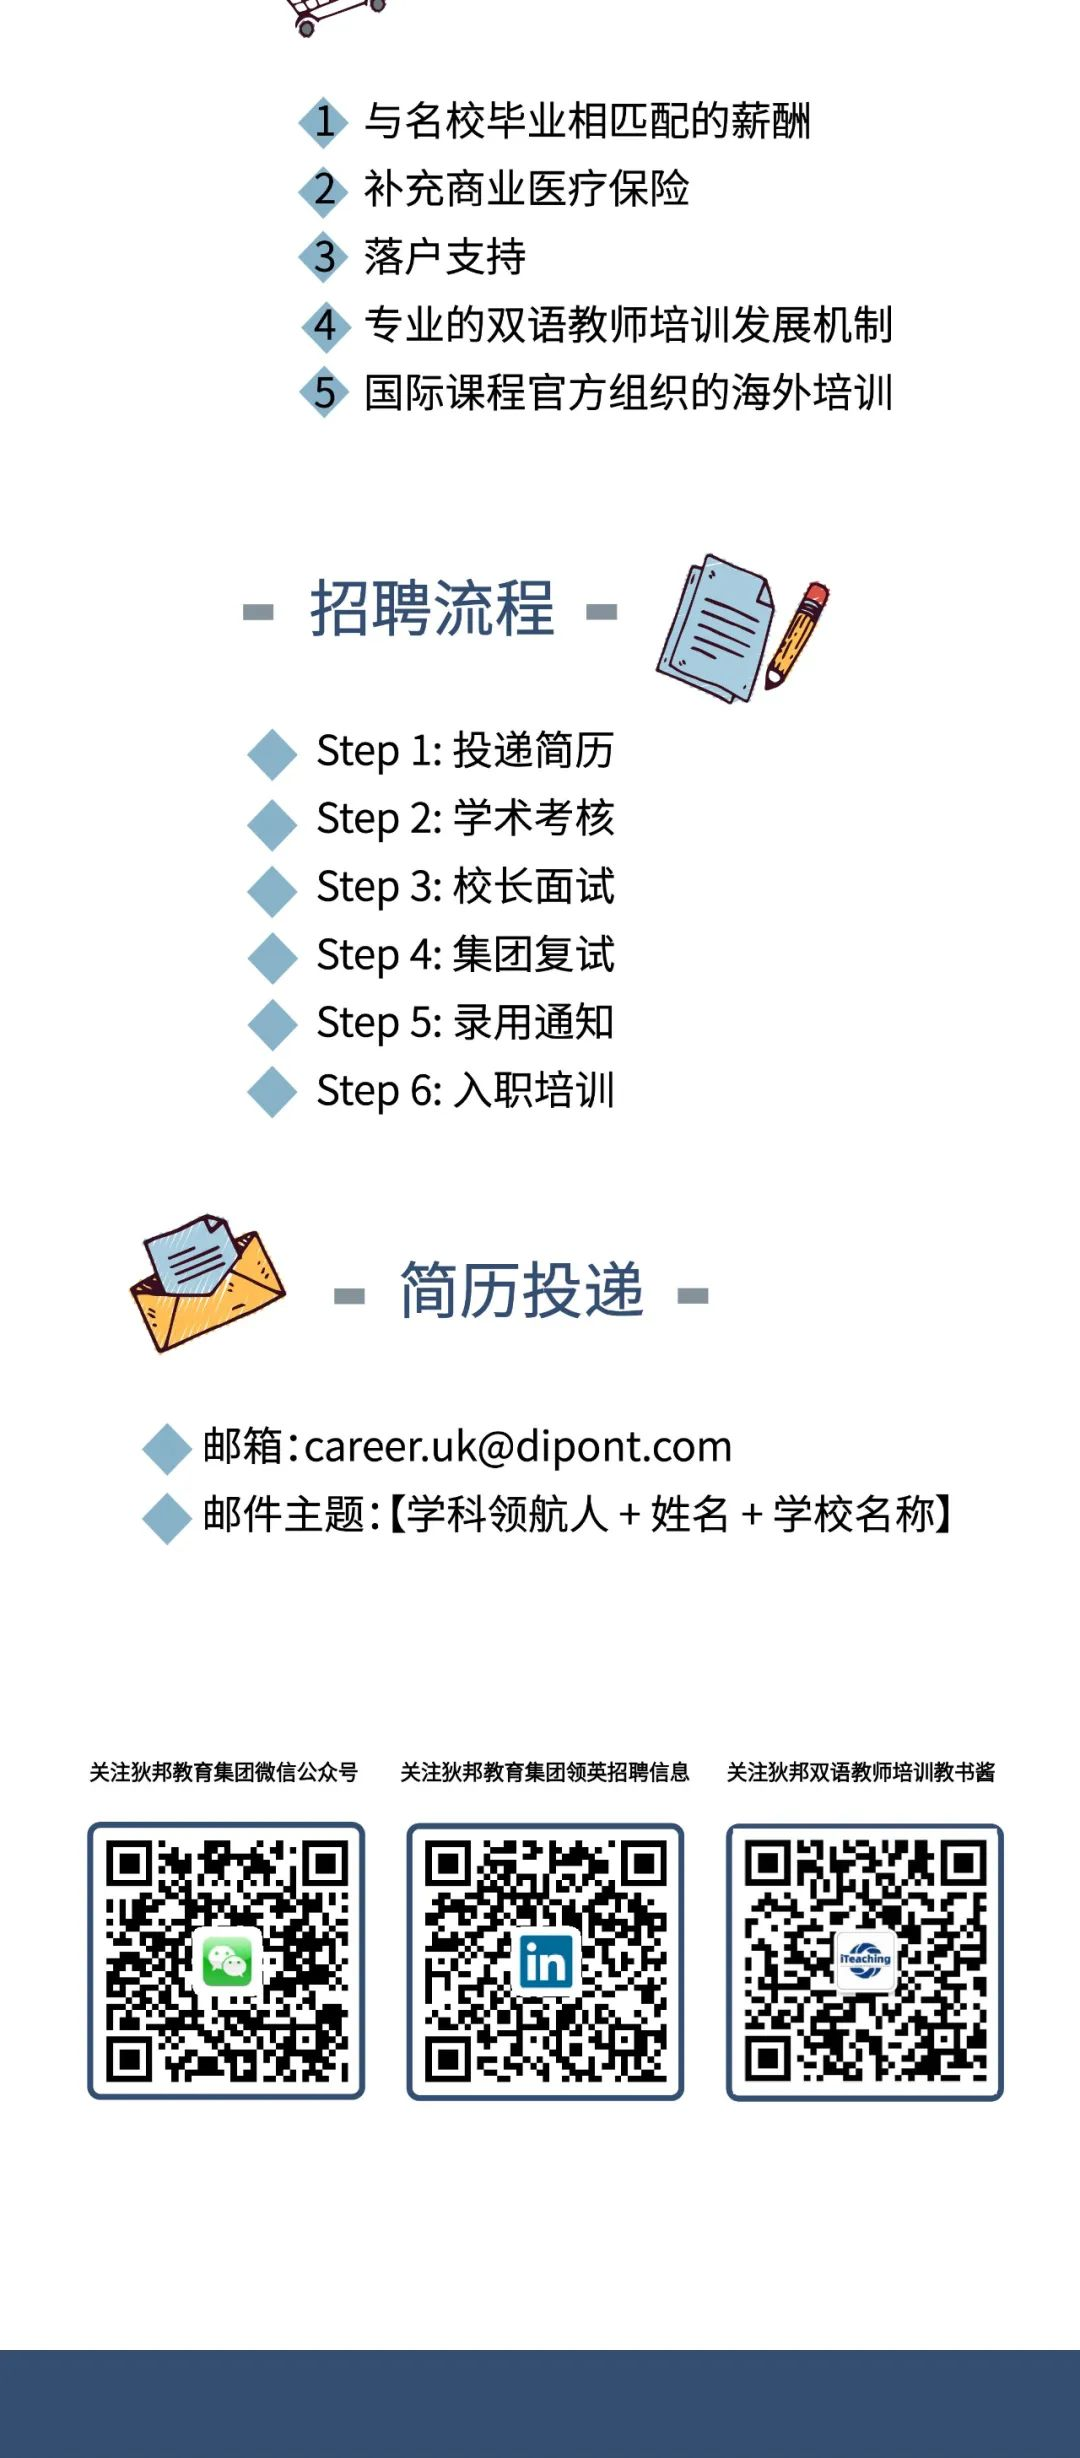 【就业资讯】2020,加入狄邦,桥接机遇!